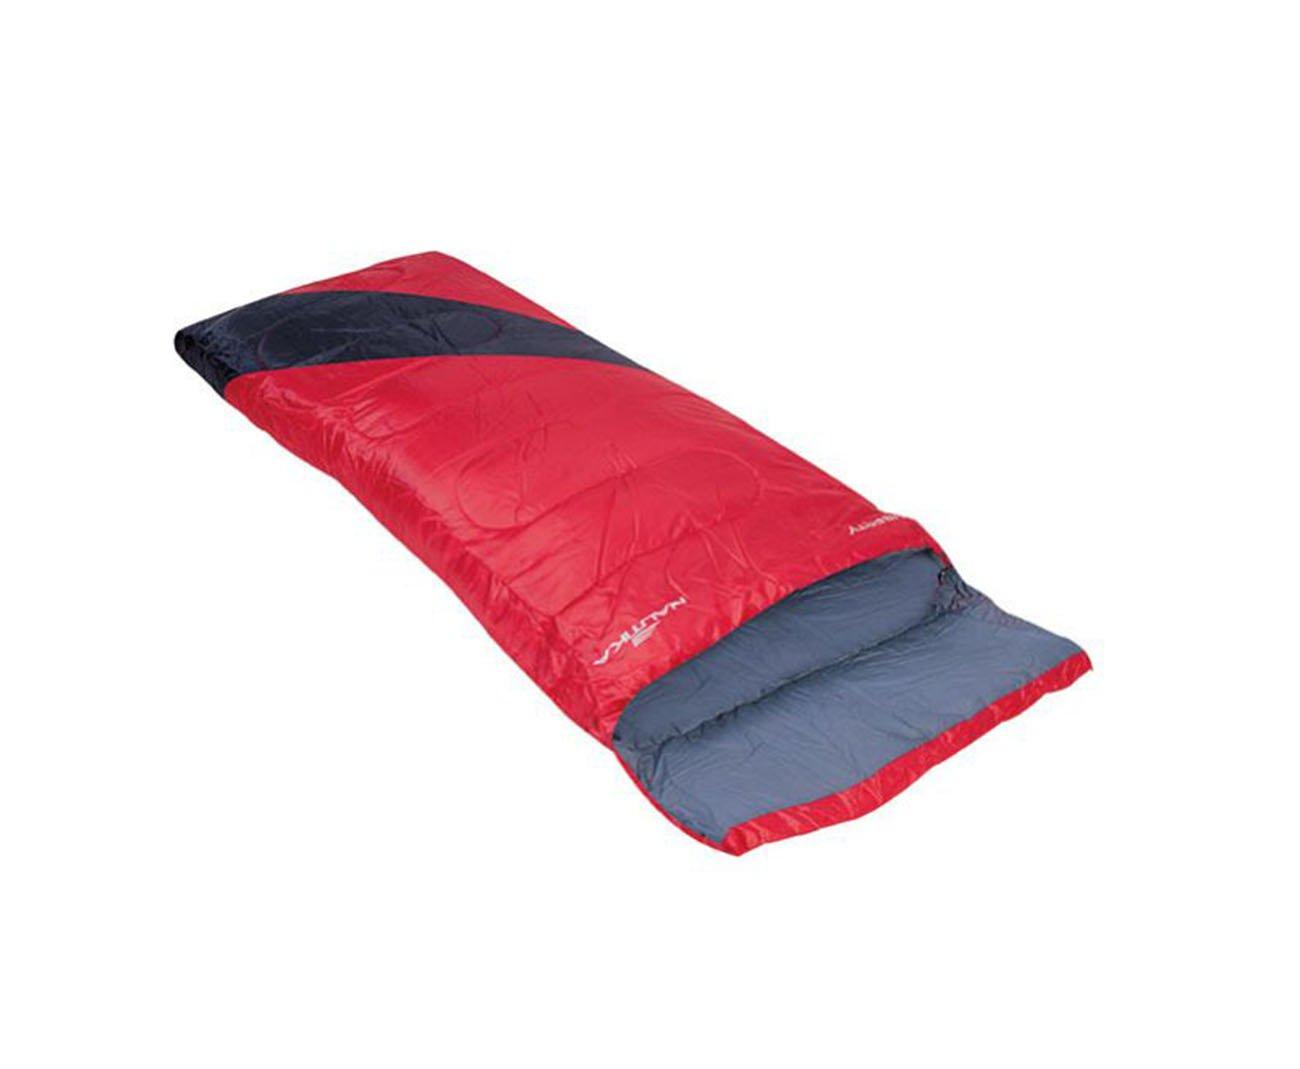 Saco De Dormir Liberty +4°c A +10°c Preto E Vermelho - Nautika